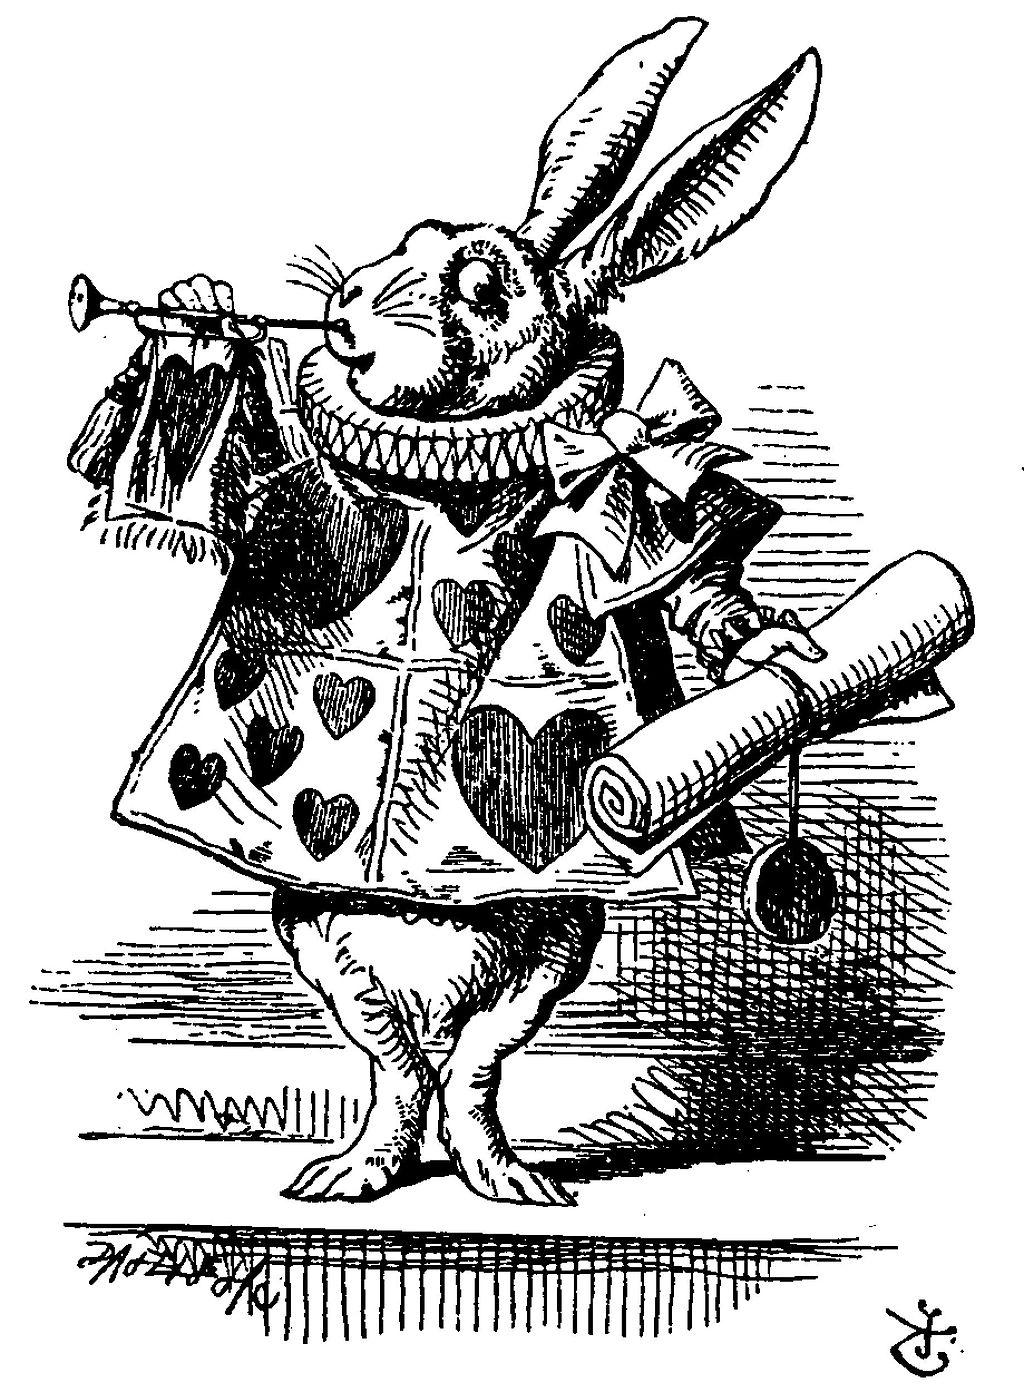 La estanter a de helena rese a alicia en el pa s de las maravillas lewis carroll - Conejo de alicia en el pais de las maravillas ...